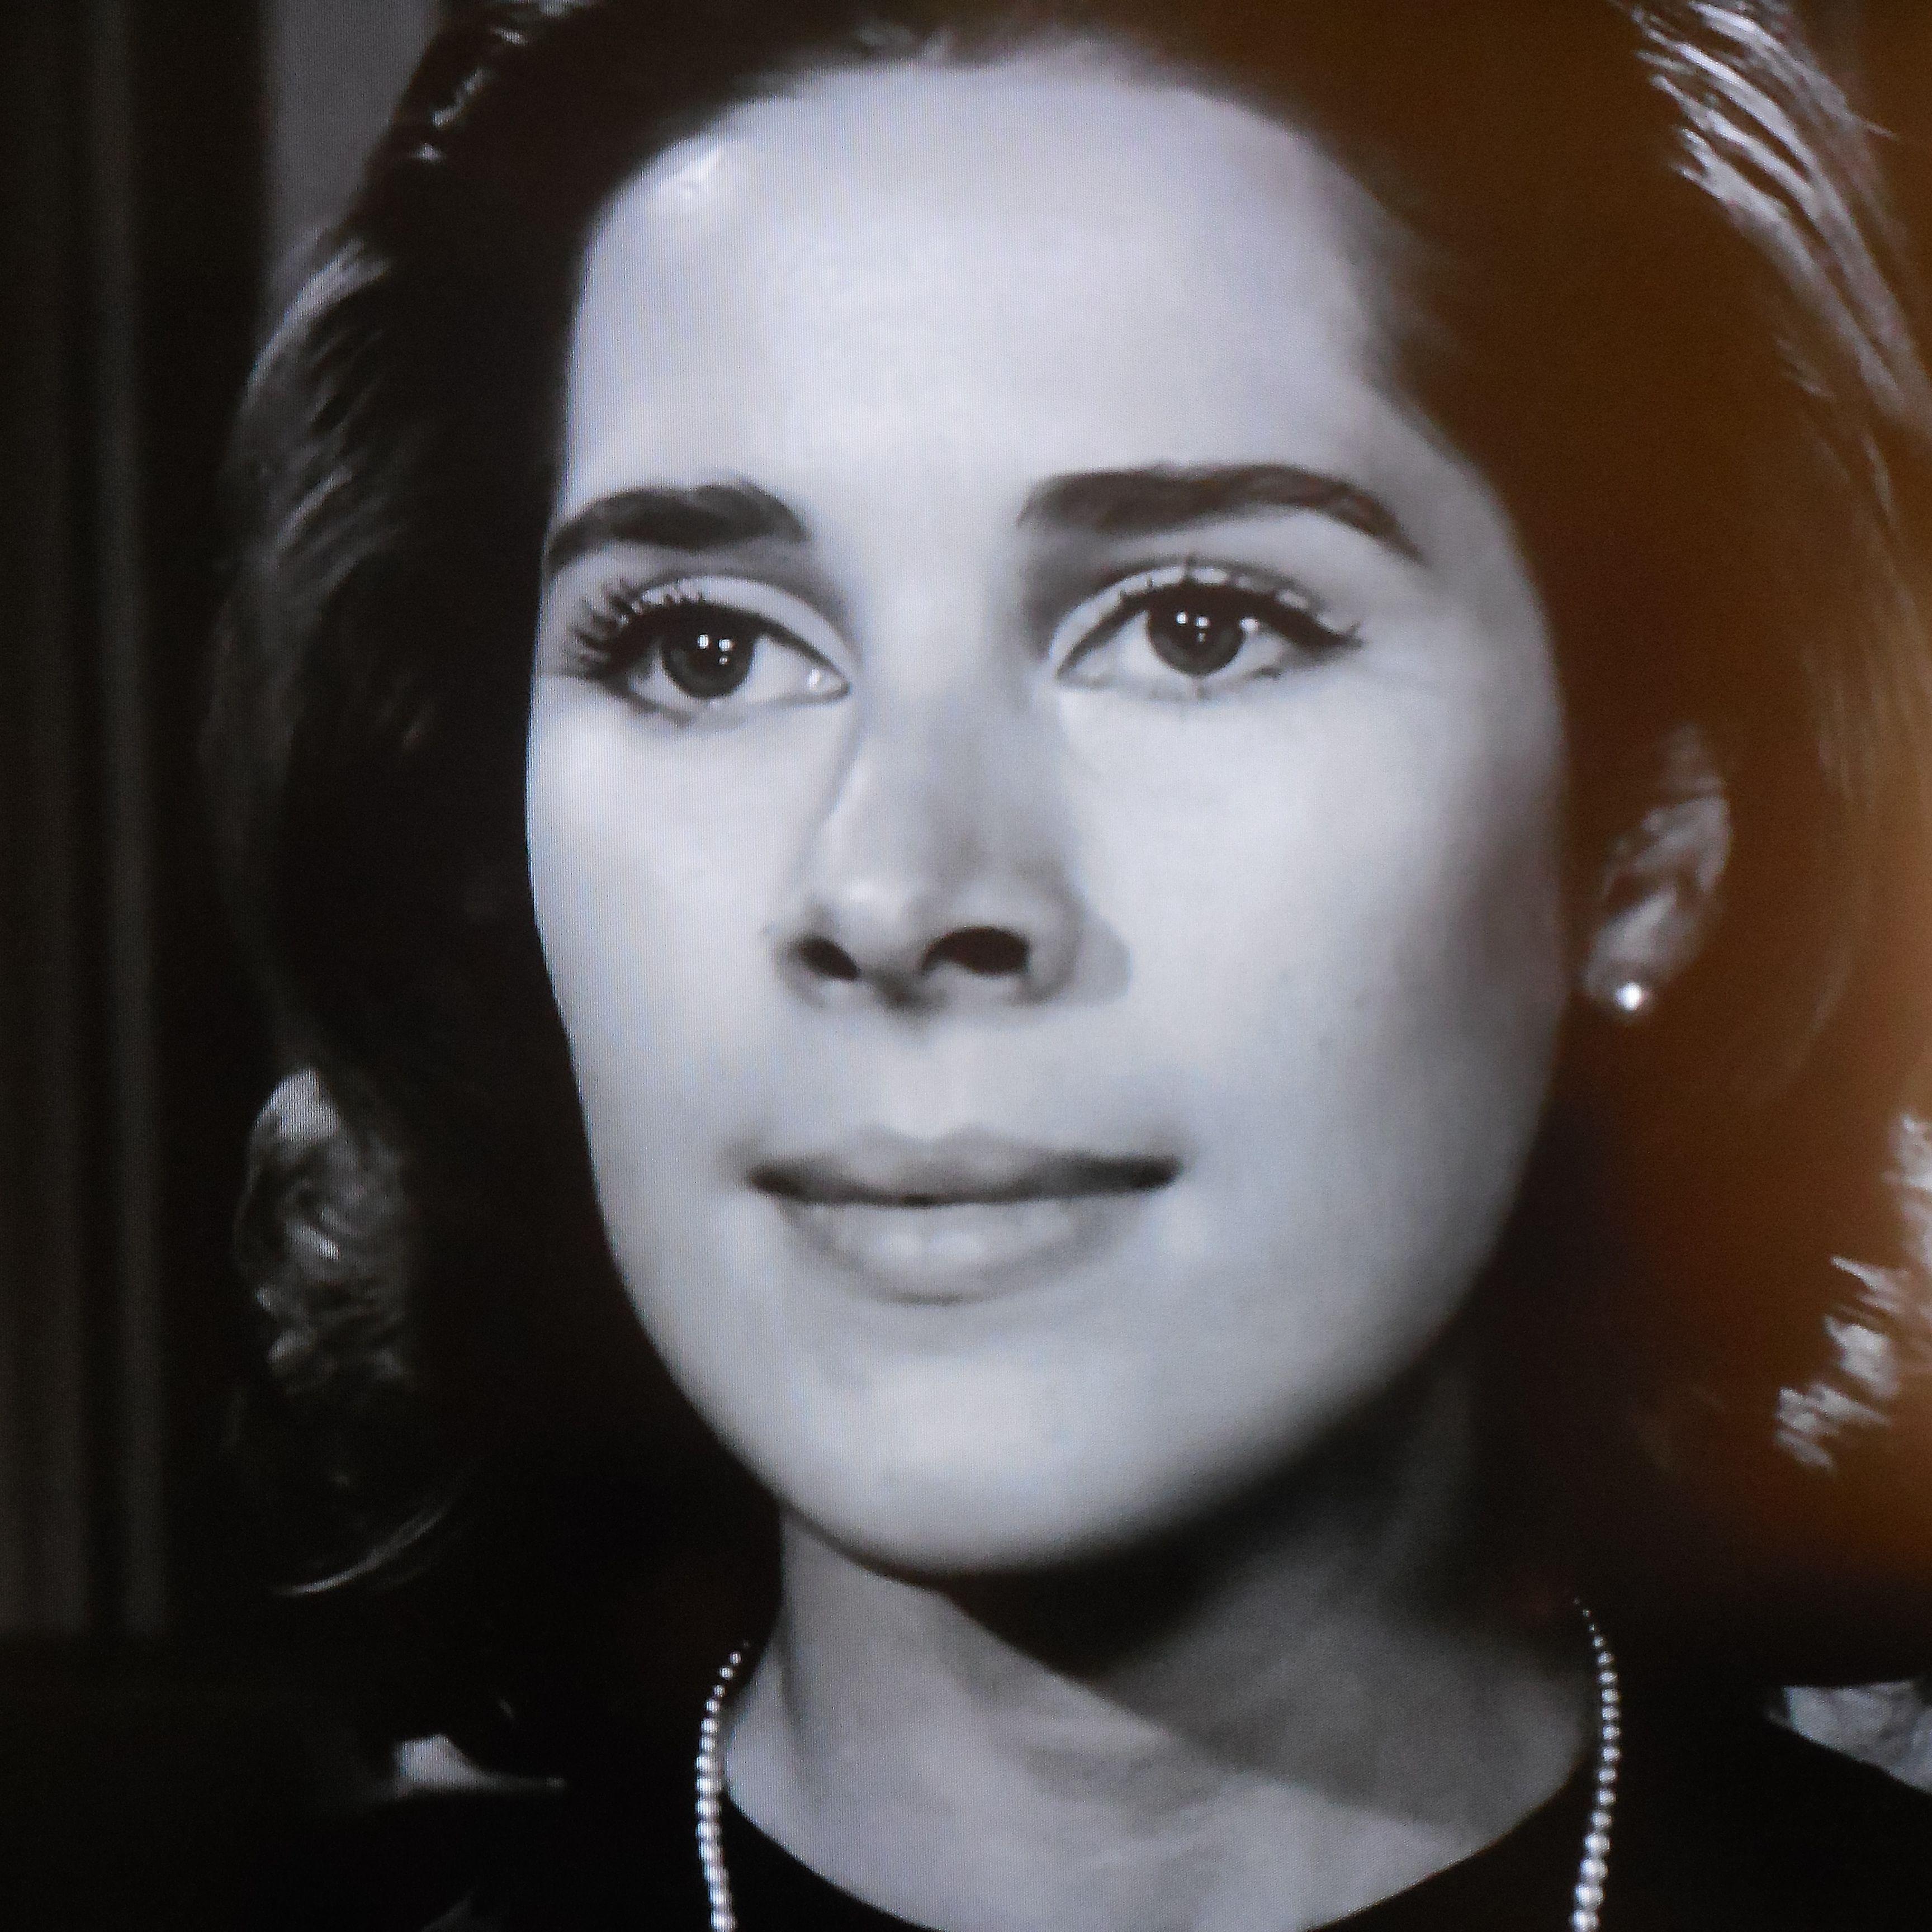 Twilight Zaone Joan Hackett In A Piano In The House 1962 Twilight Zone Hackett Joan